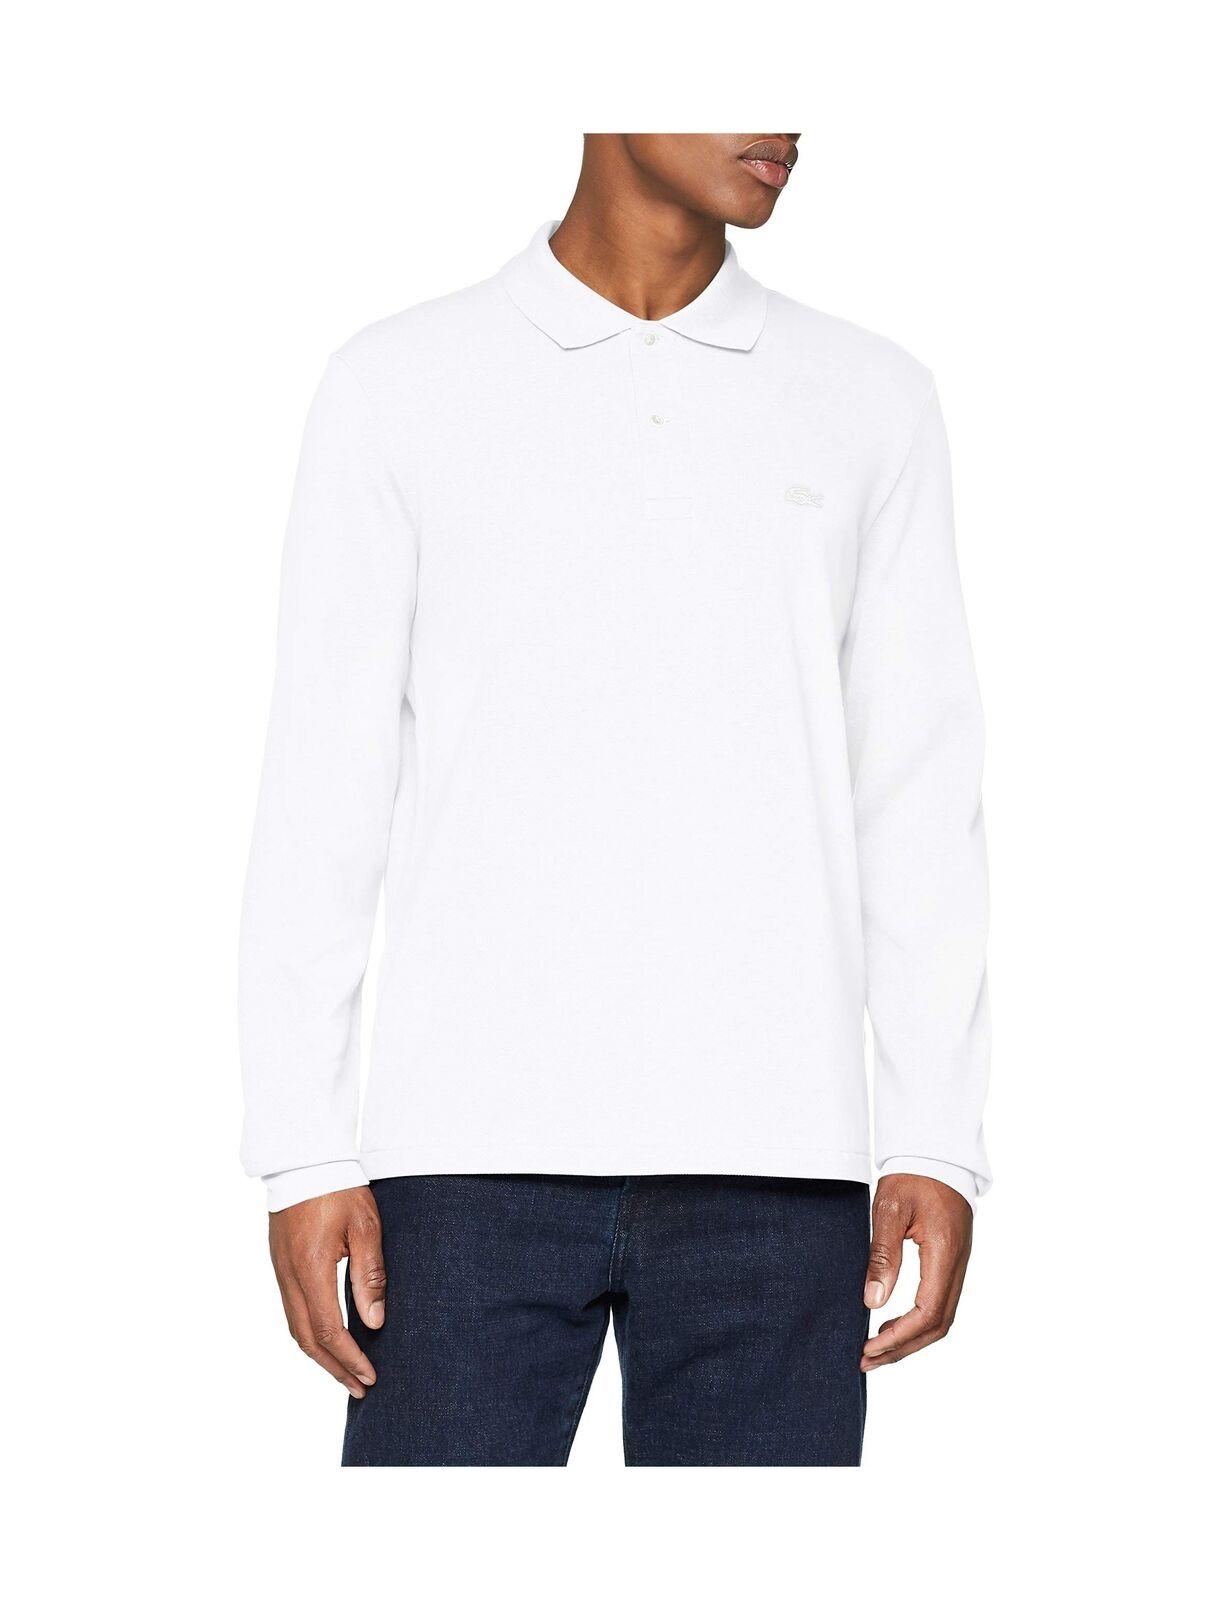 Lacoste Men's Polo Shirt White (White 001) XXXX-Large (Manufacturer size  9) .